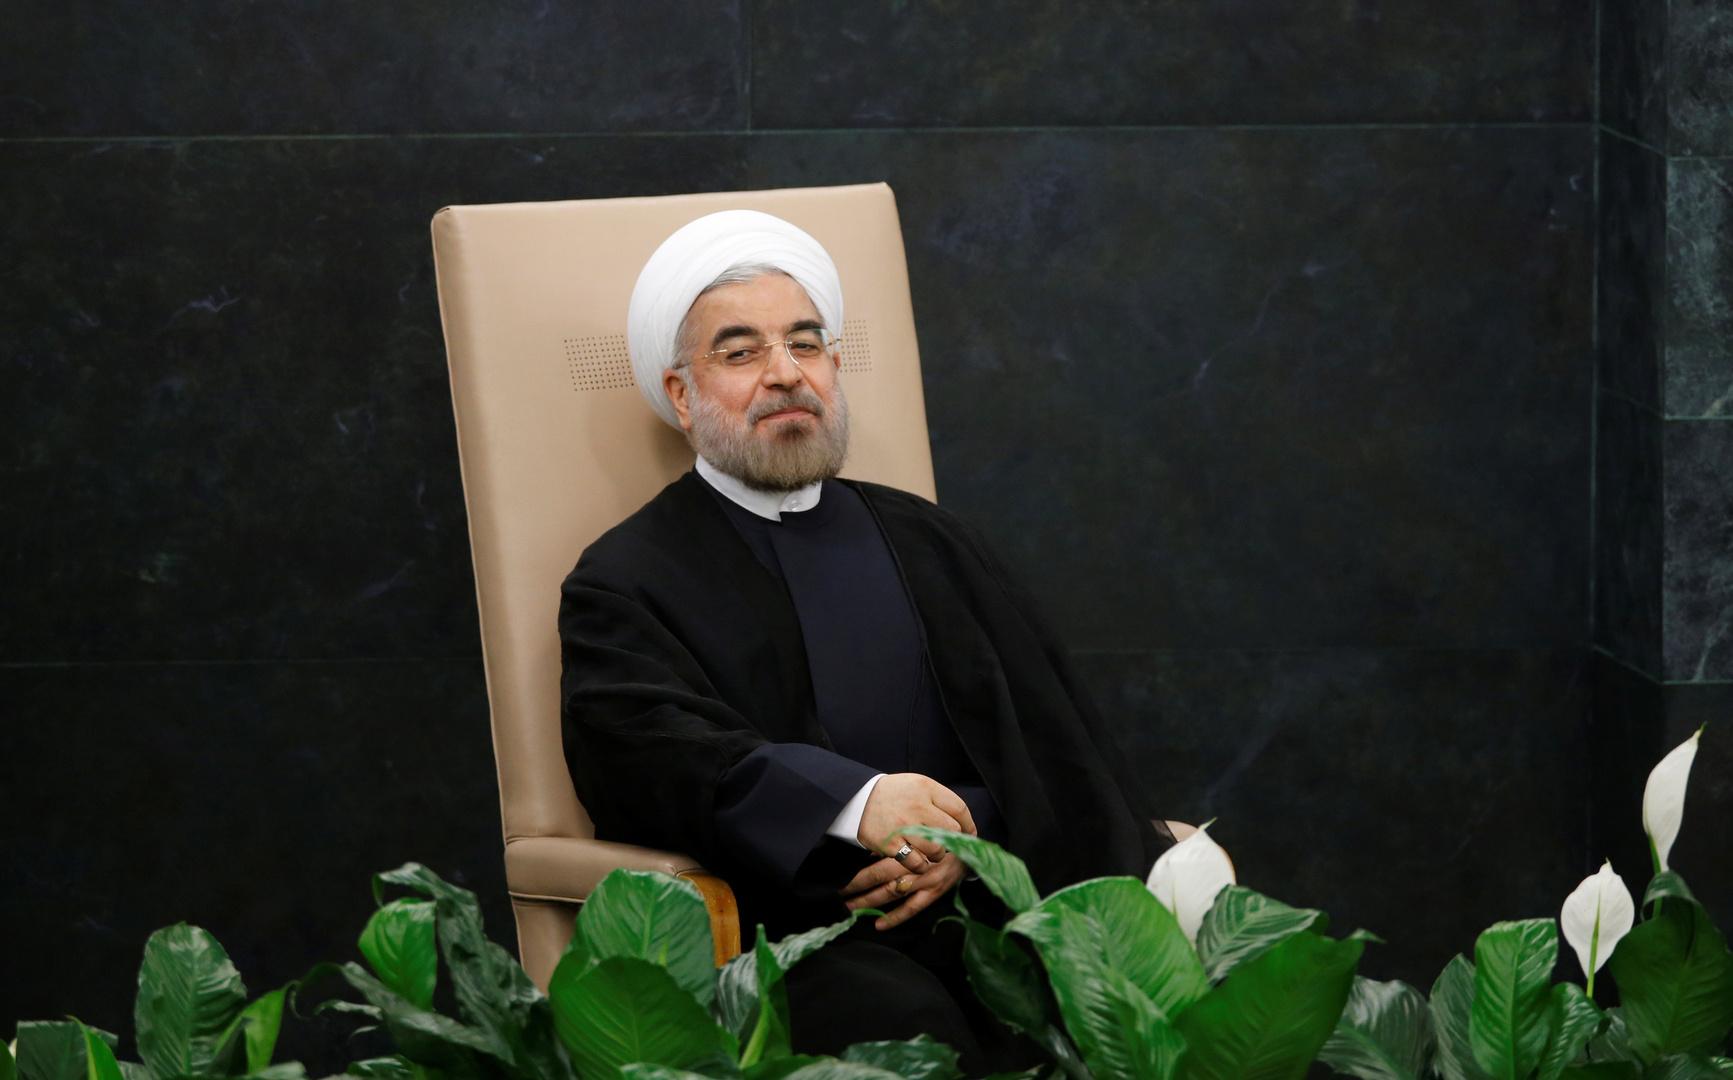 روحاني: إيران تجاوزت الاقتصاد النفطي وتعيش اليوم الاقتصاد غير النفطي